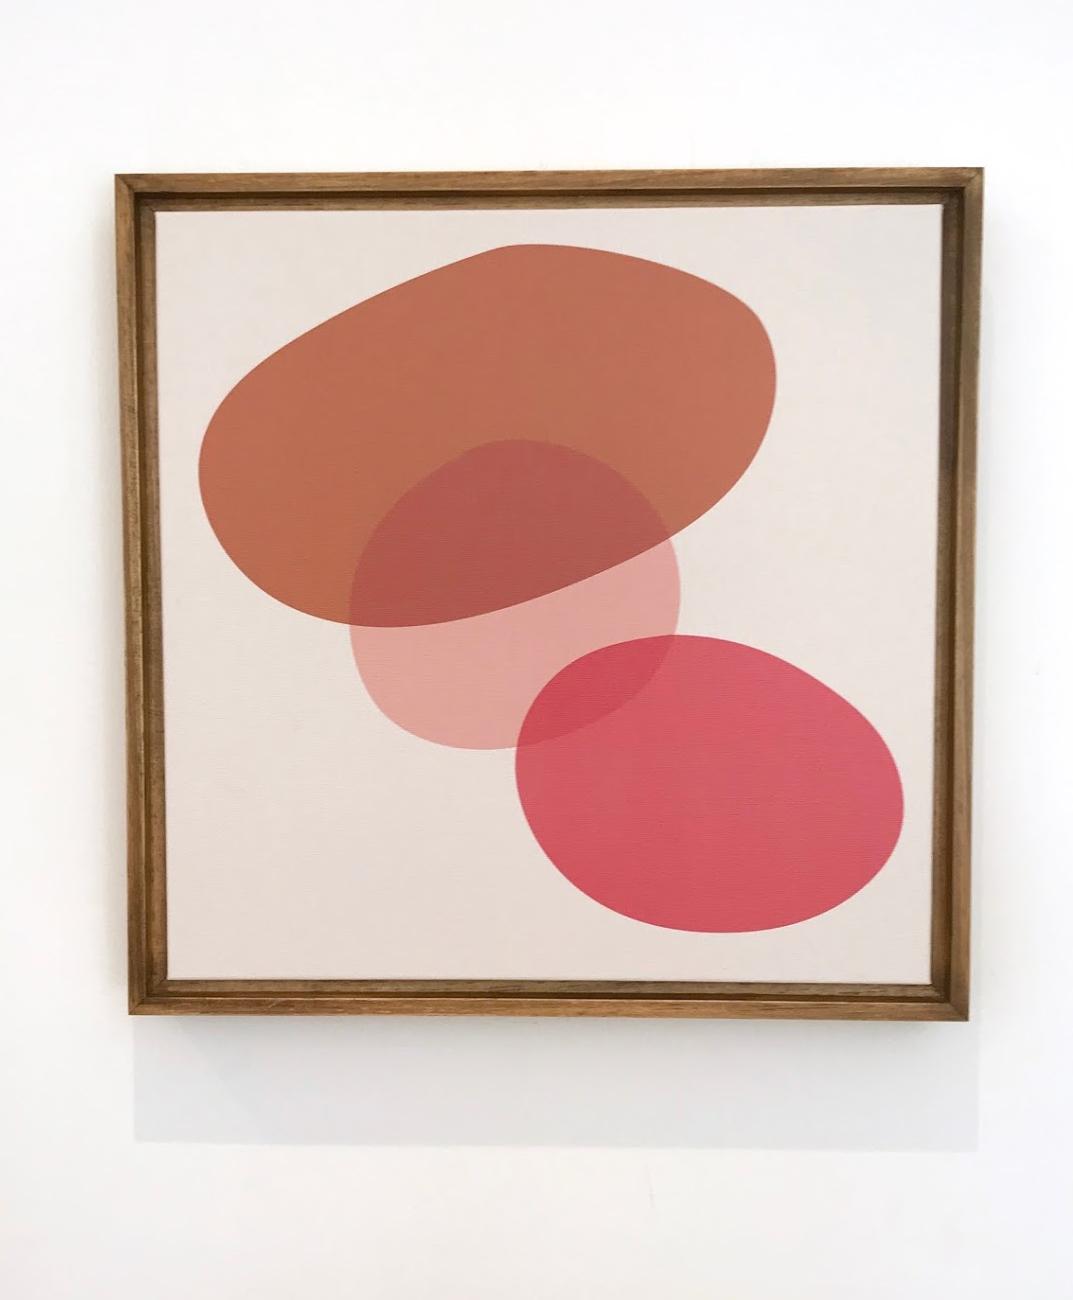 Telas série PEDRAS 03 - paleta coral/rosa tamanho 104 x 104cm | moldura baguete cor freijó